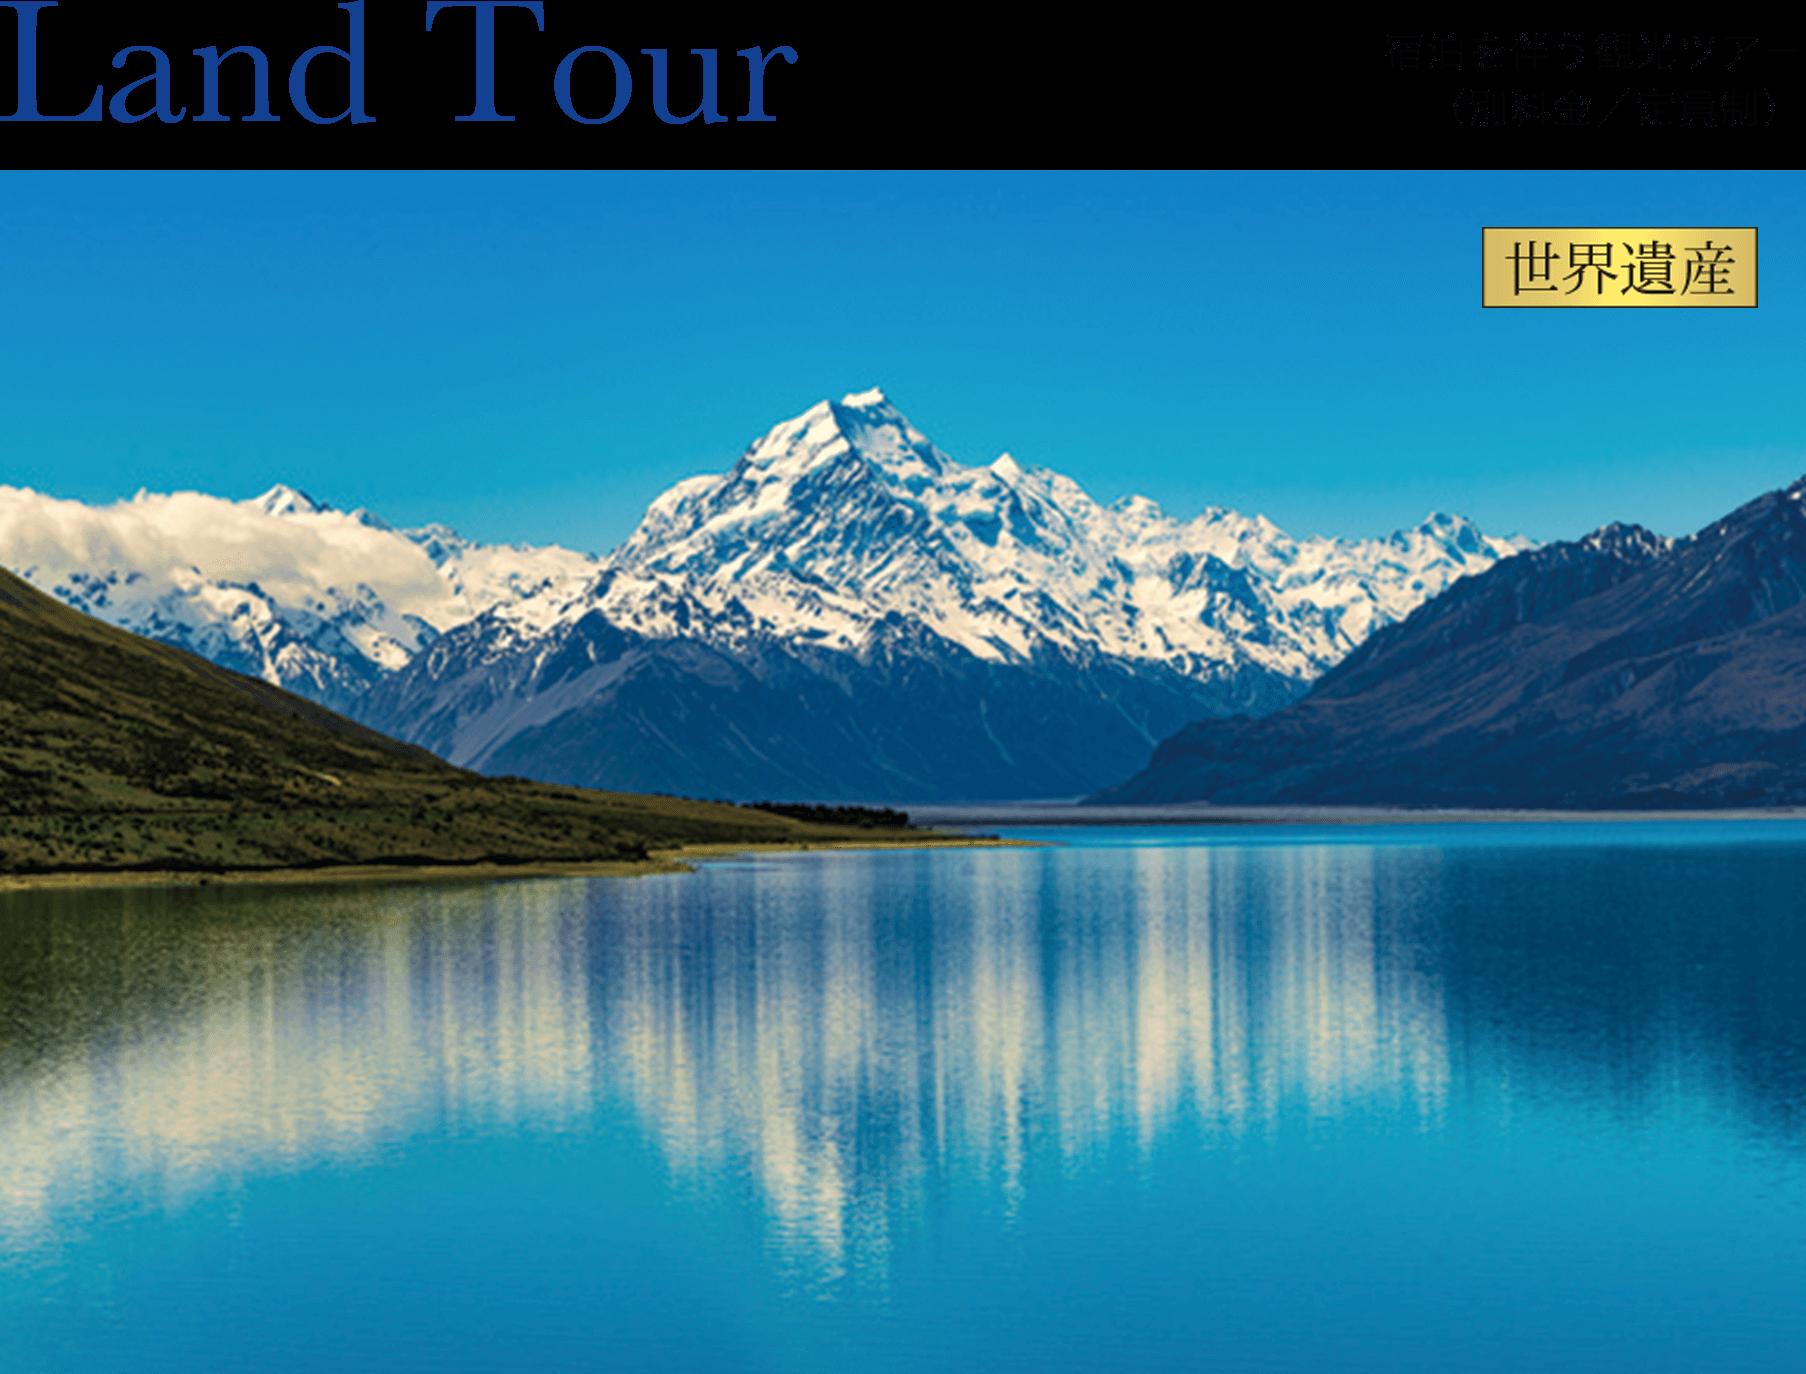 2021年 オセアニアグランドクルーズ ランドツアー 〈バーニー発〉ニュージーランドの大自然 詳細情報